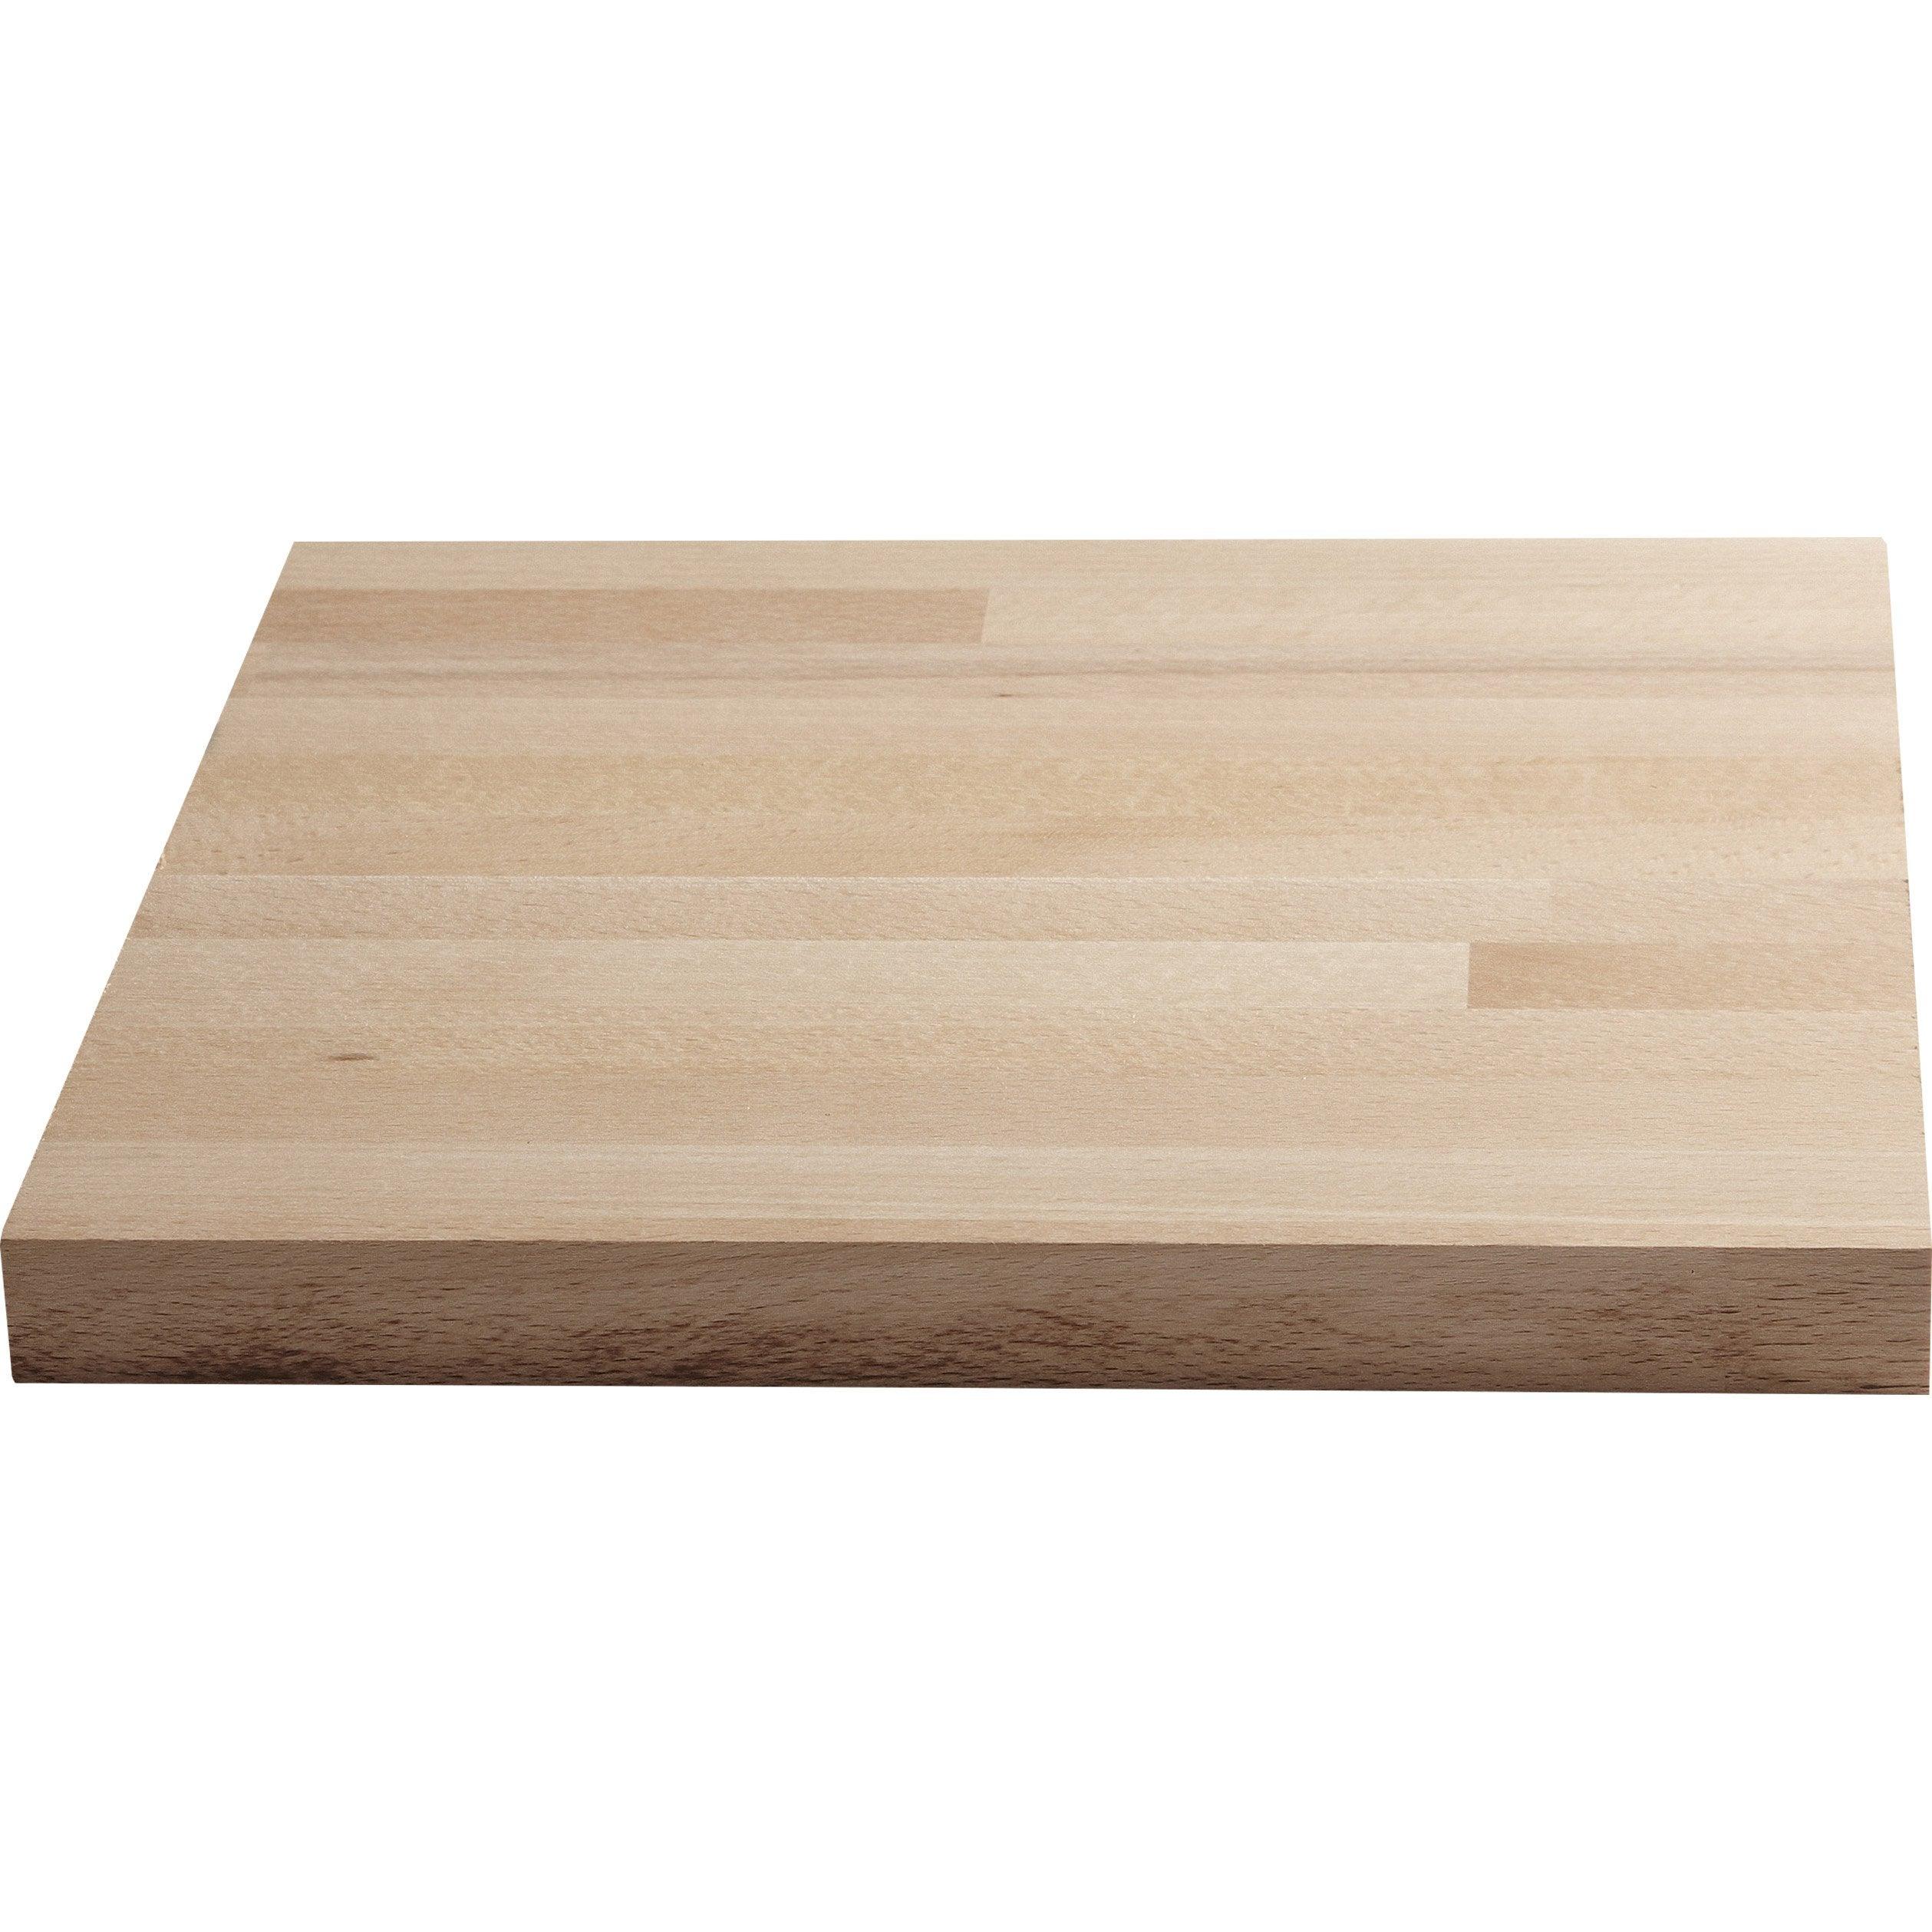 Plan de travail bois Hêtre brut Mat L.250 x P.65 cm, Ep.26 mm